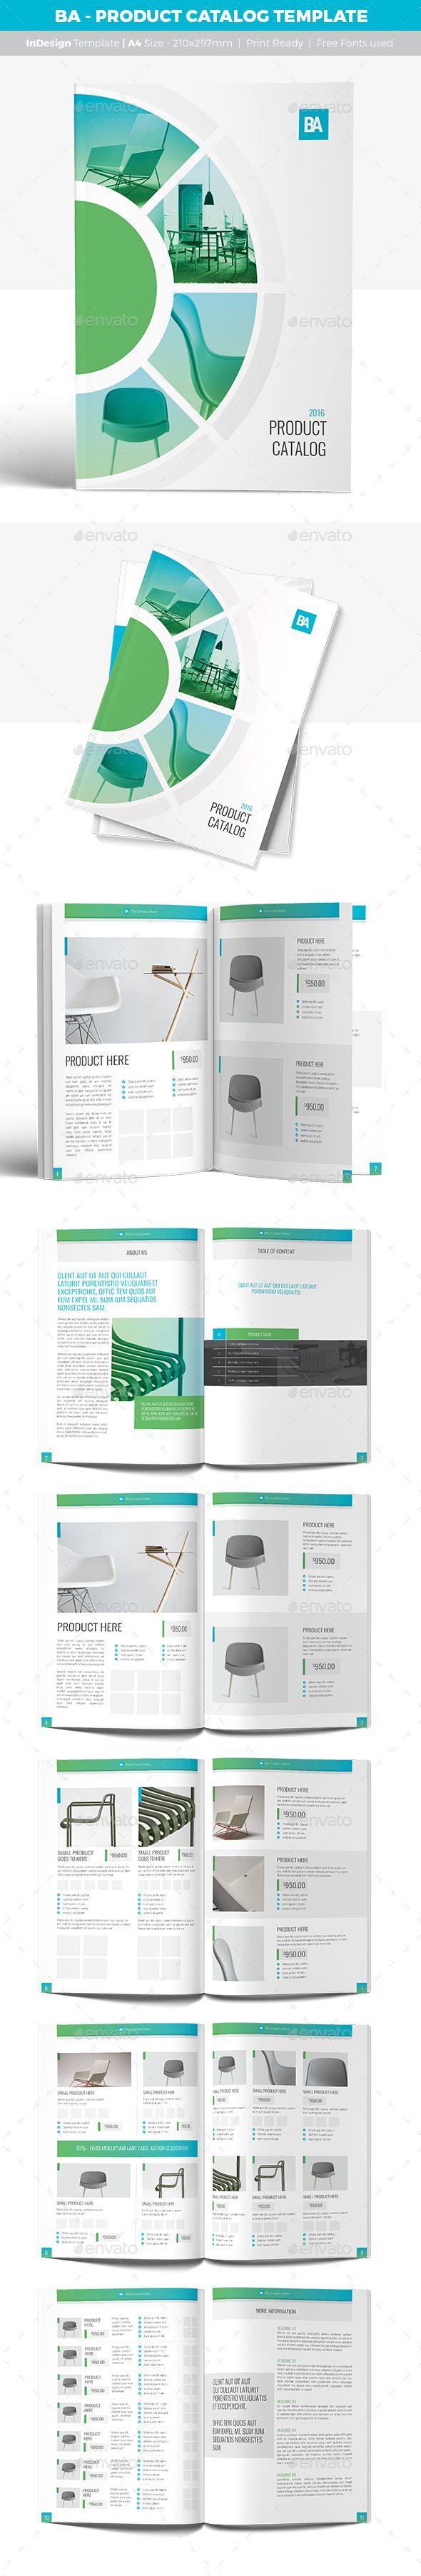 BA - Product Catalog Template | Catálogo, Diseño editorial y Editorial